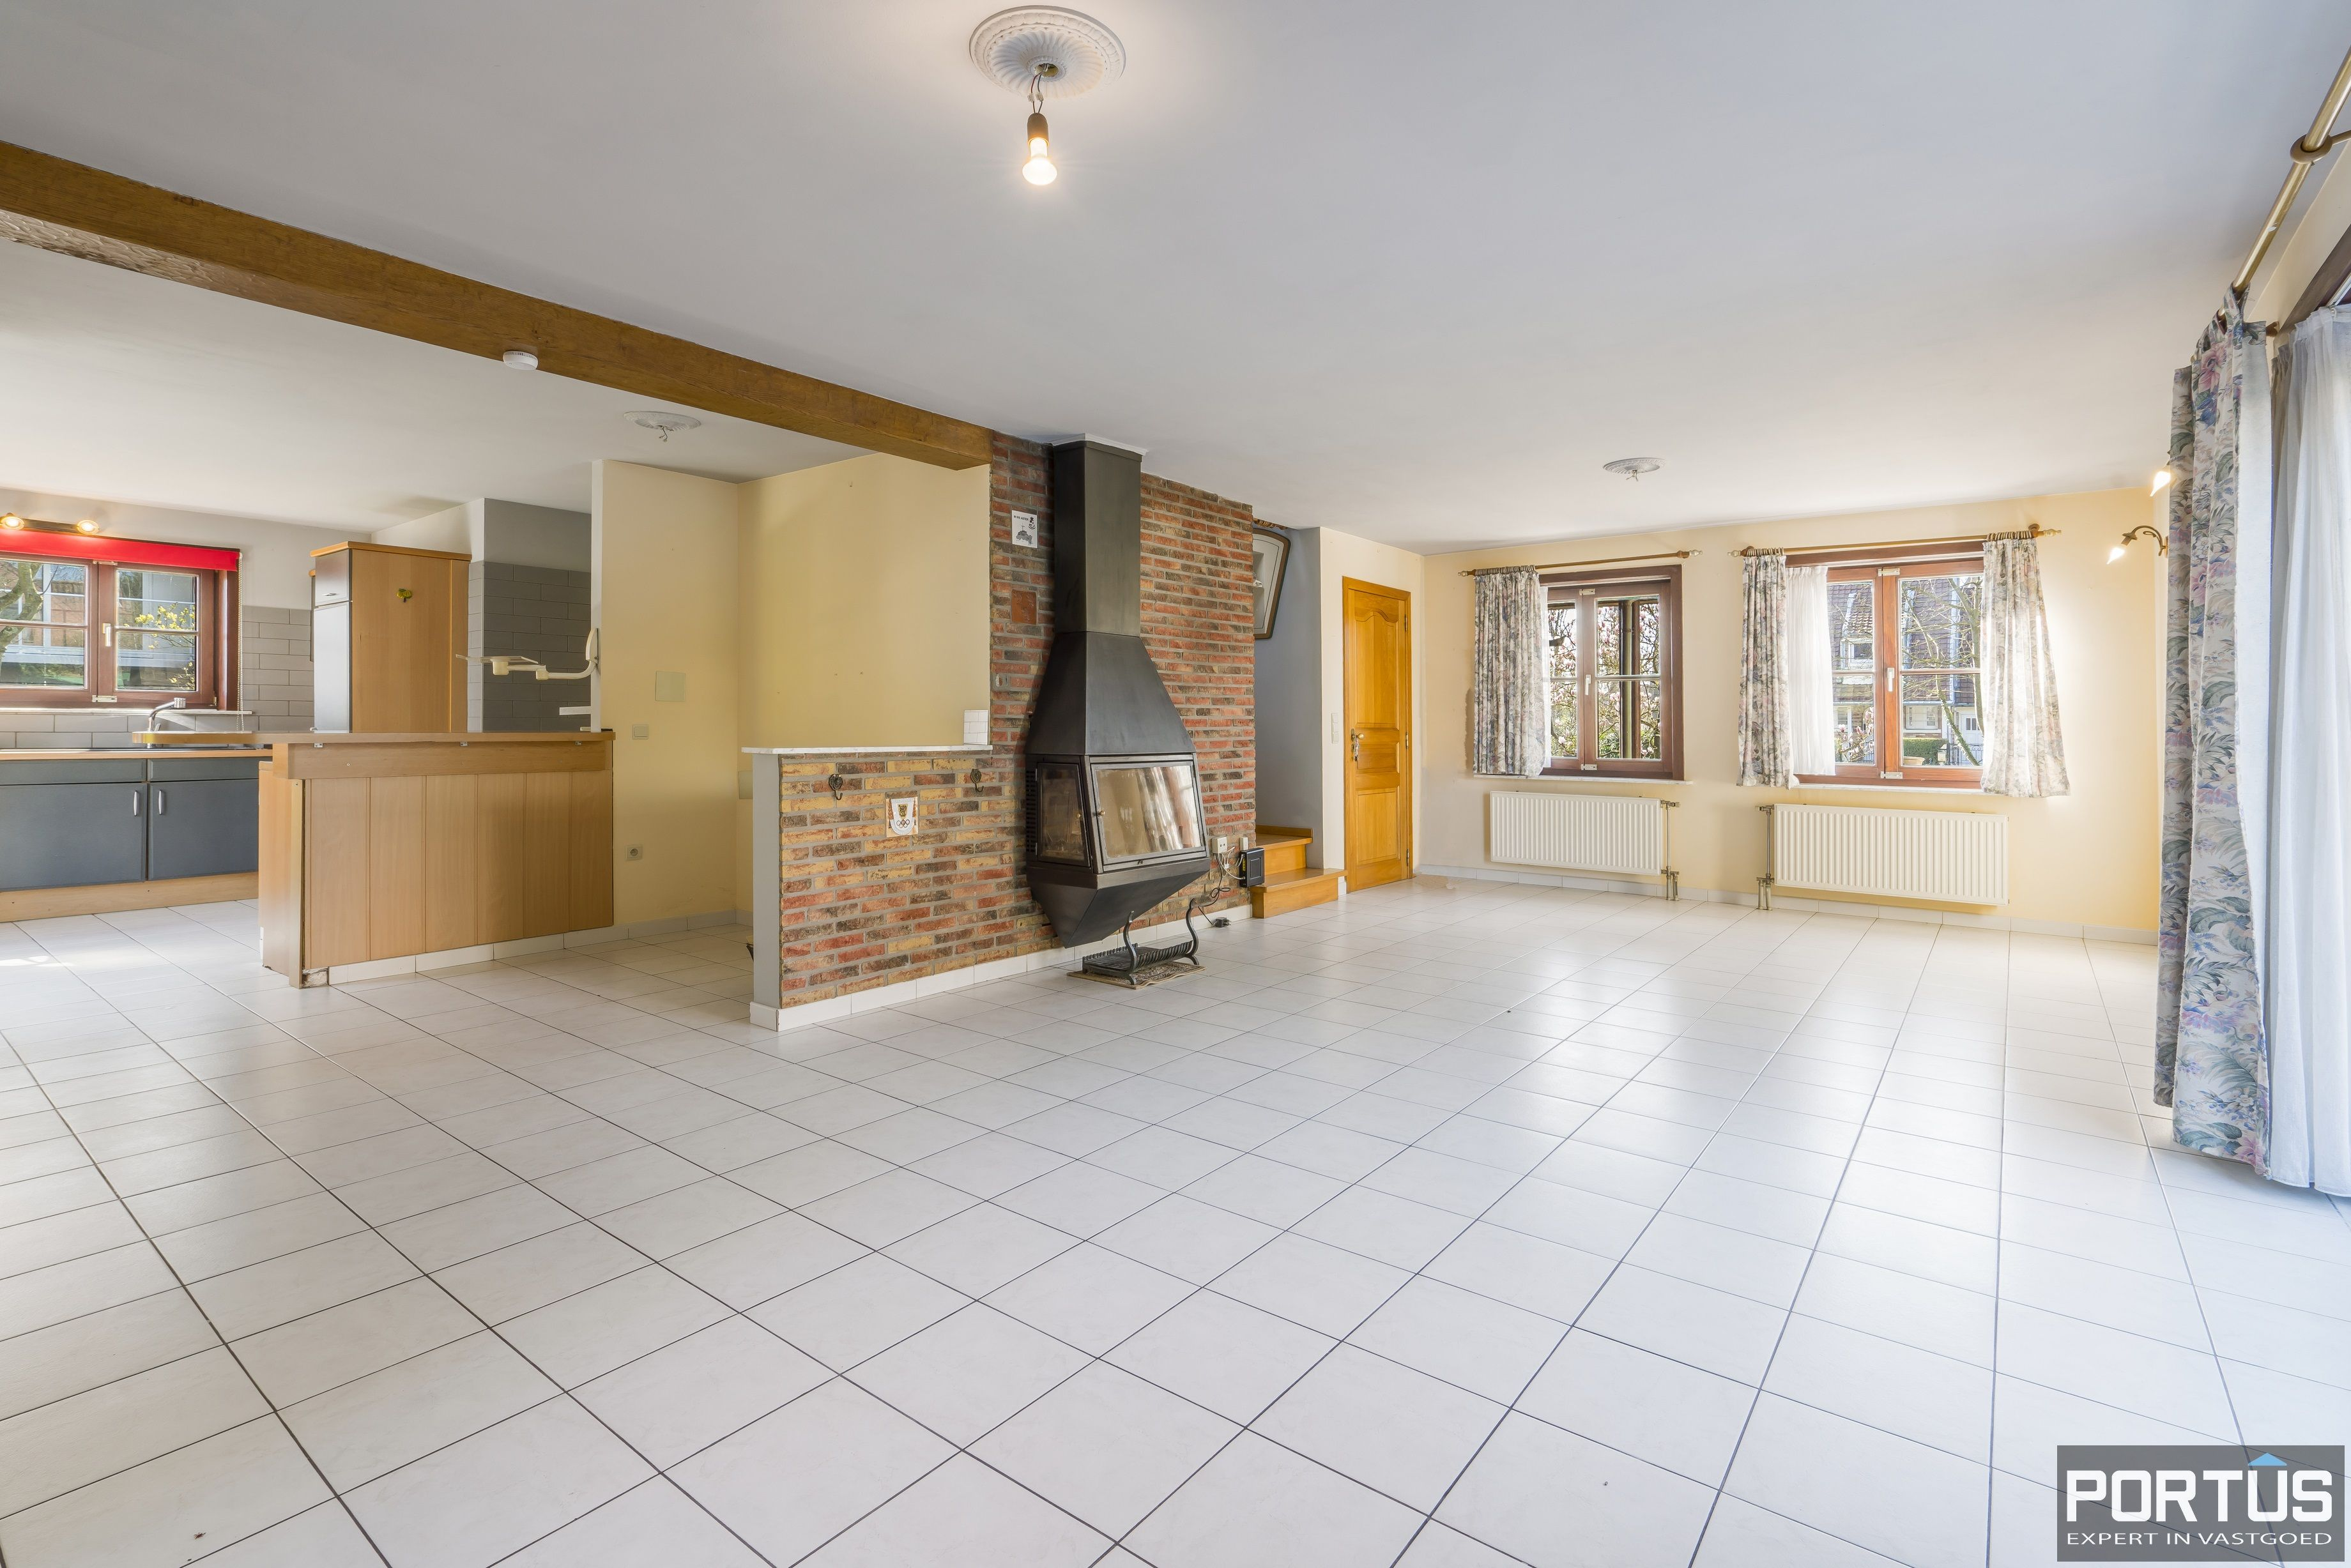 Villa te koop met 3 slaapkamers te Nieuwpoort - 12469